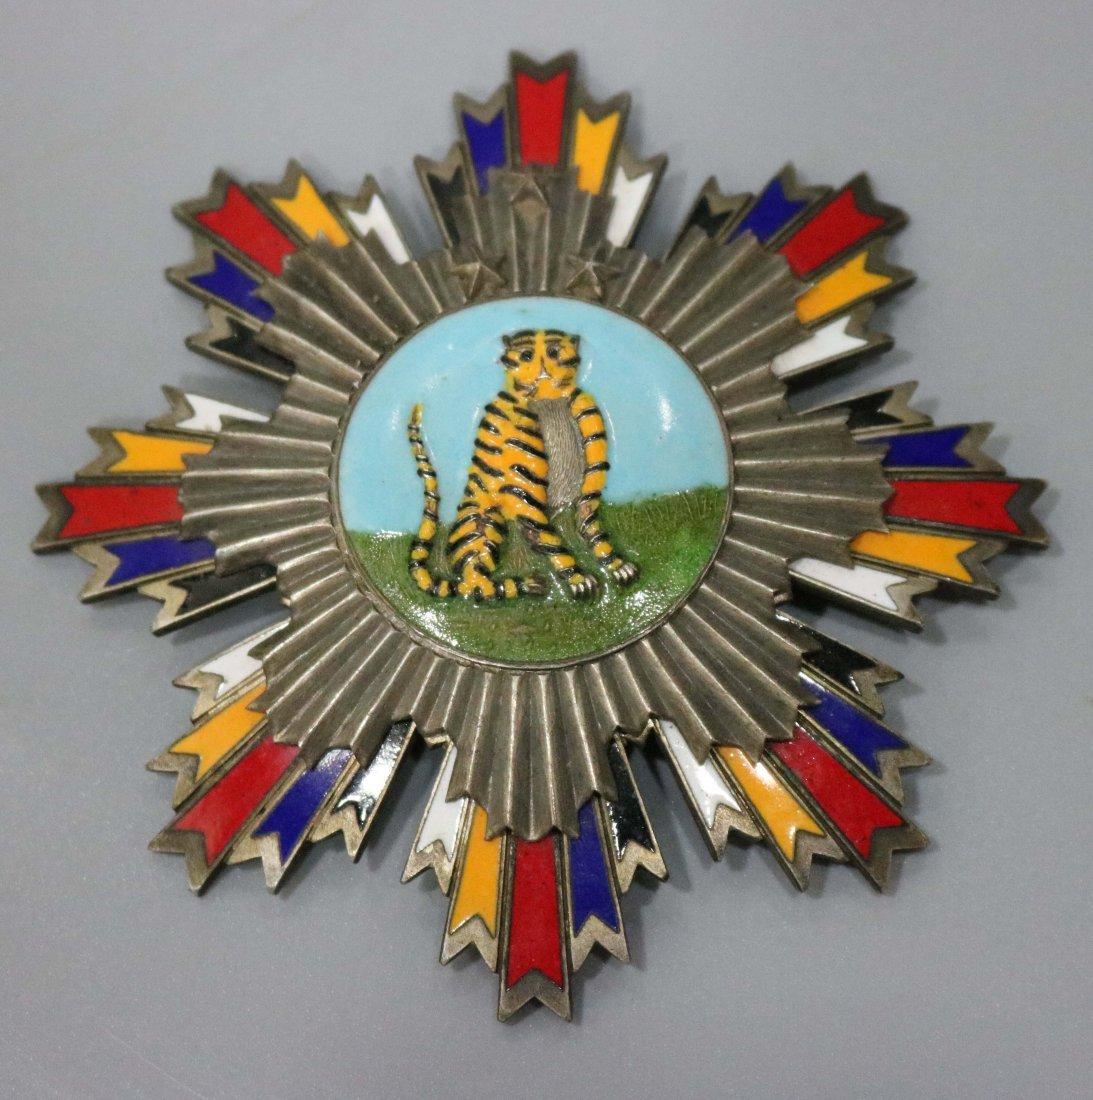 World War II cloisonne enamel color medal 5 - 2